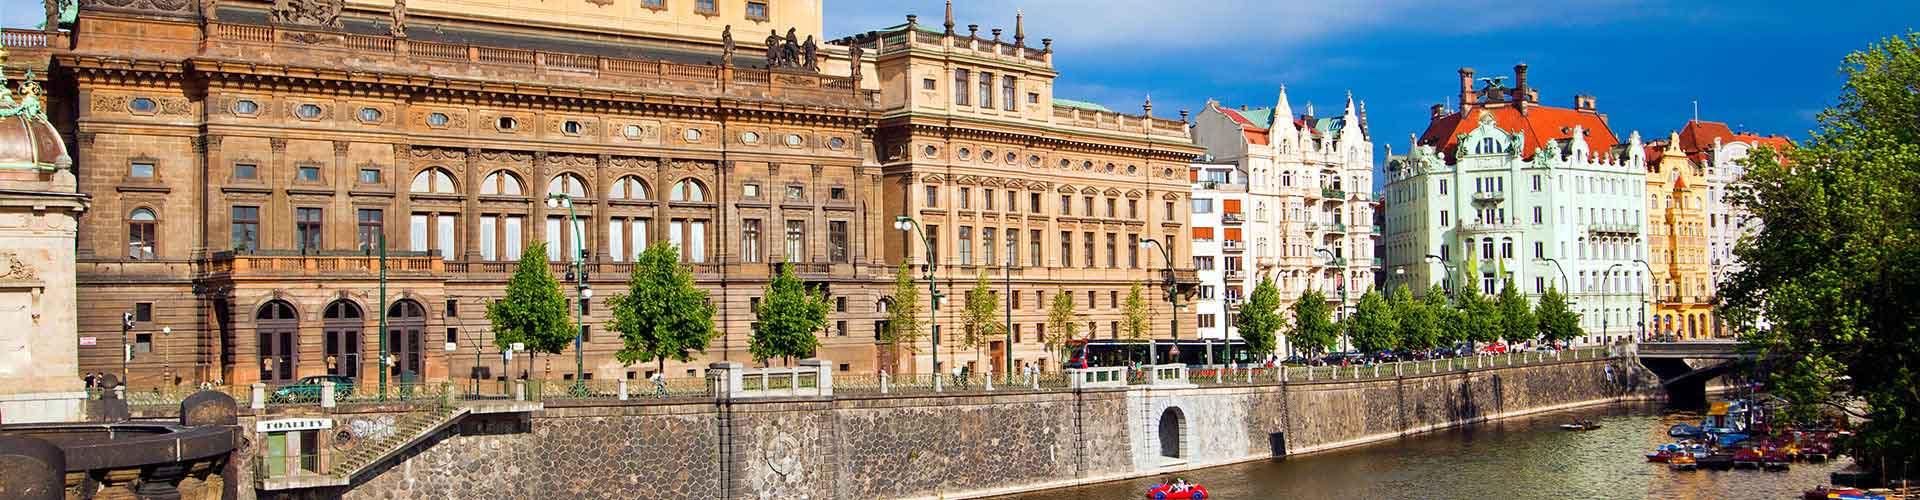 Praga - Apartamentos cerca a Teatro Nacional. Mapas de Praga, Fotos y comentarios de cada Apartamento en Praga.